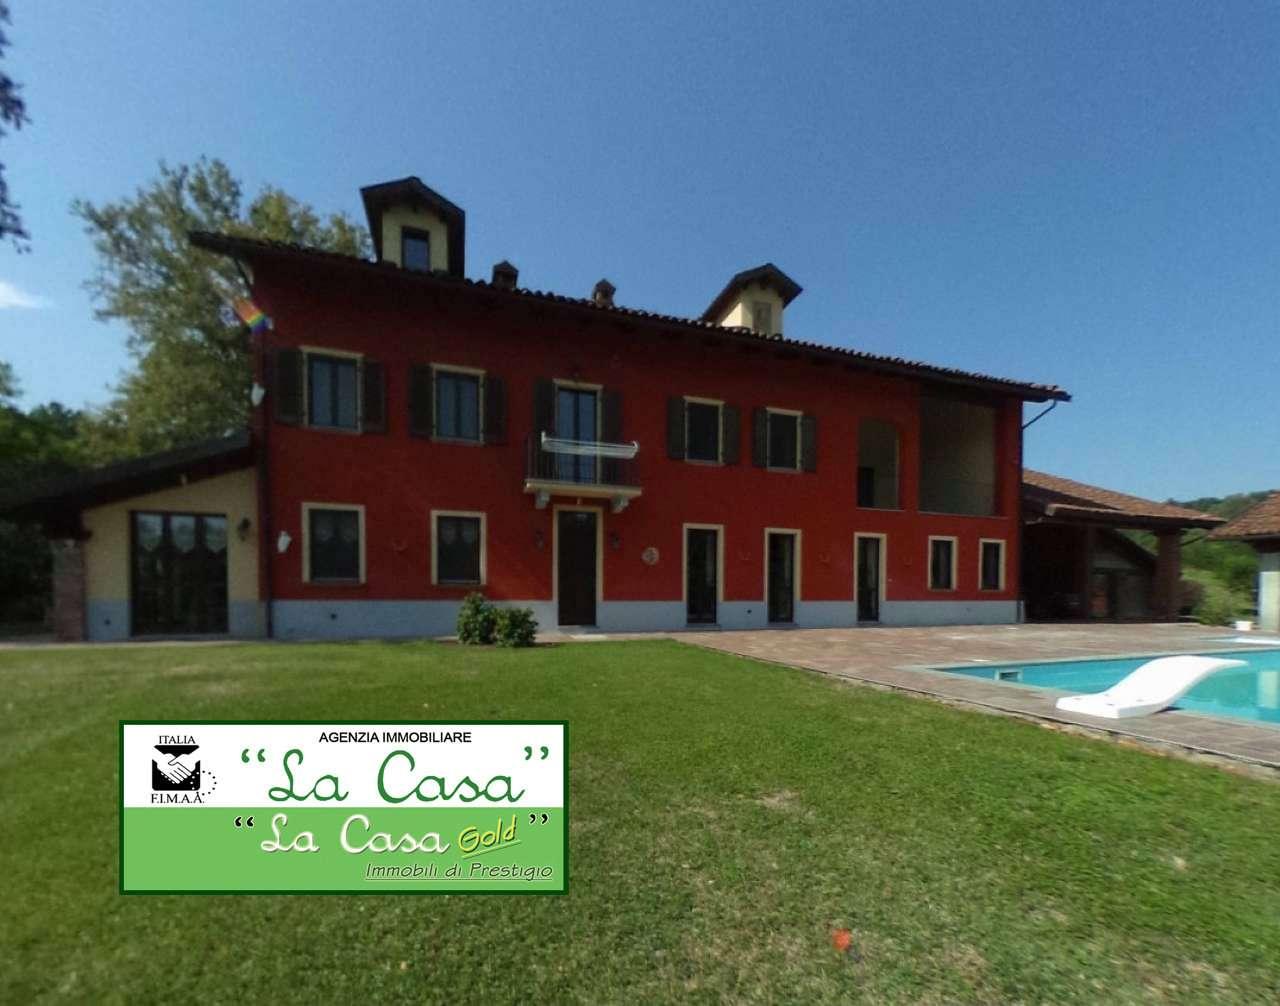 Rustico / Casale in vendita a San Paolo Solbrito, 15 locali, prezzo € 500.000 | CambioCasa.it